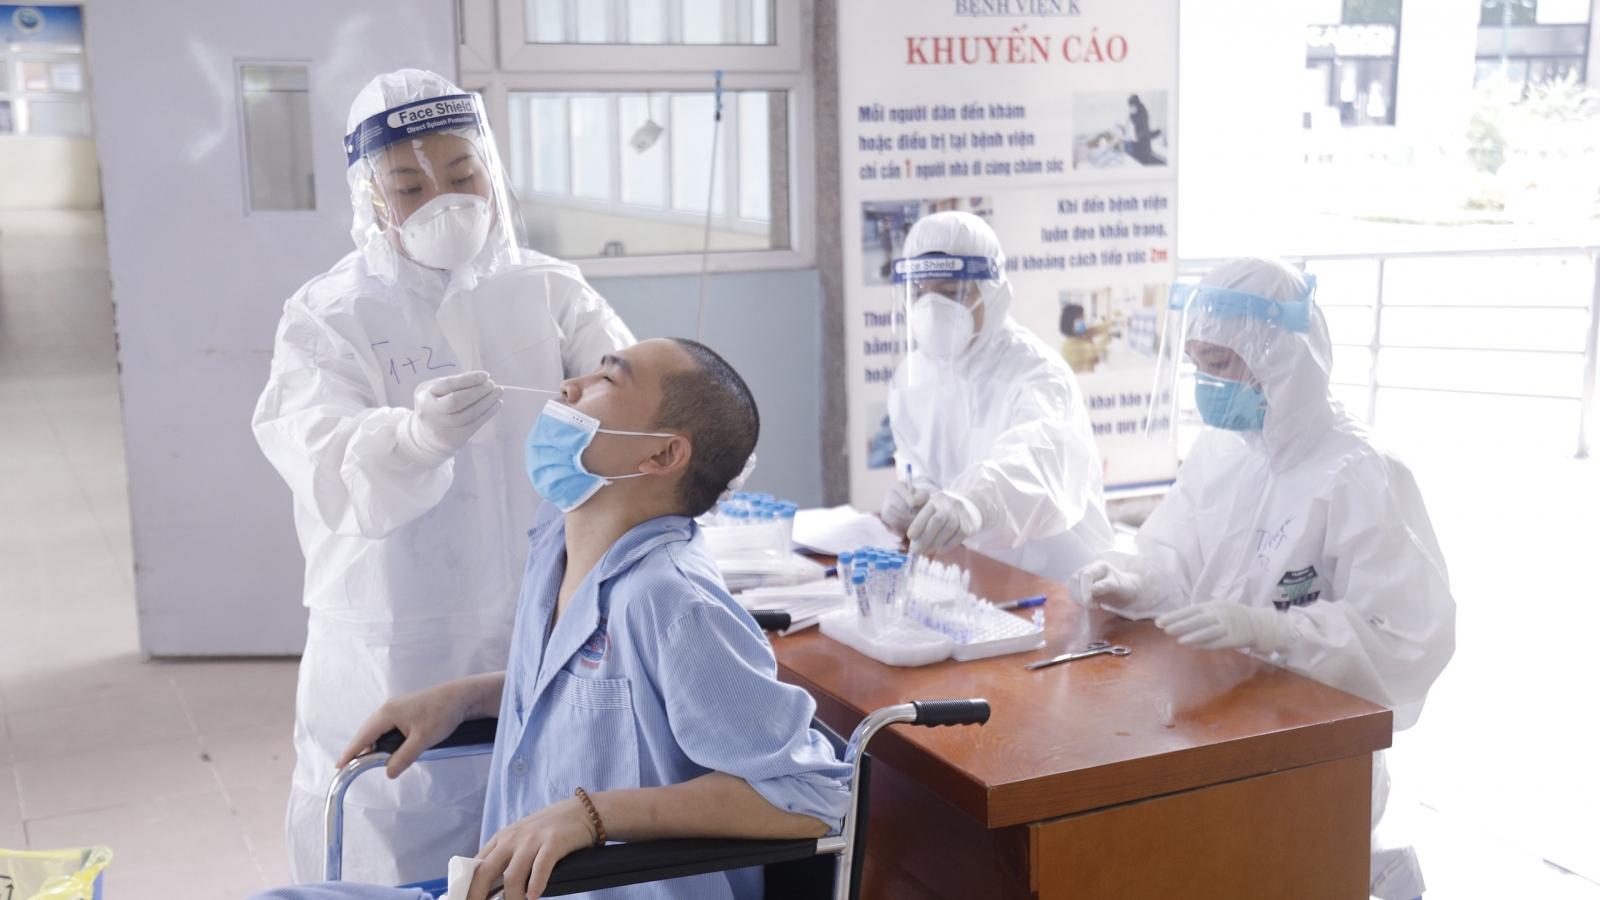 Bệnh viện K: Vừa khoanh vùng dập dịch, vừa đảm bảo điều trị cho người bệnh